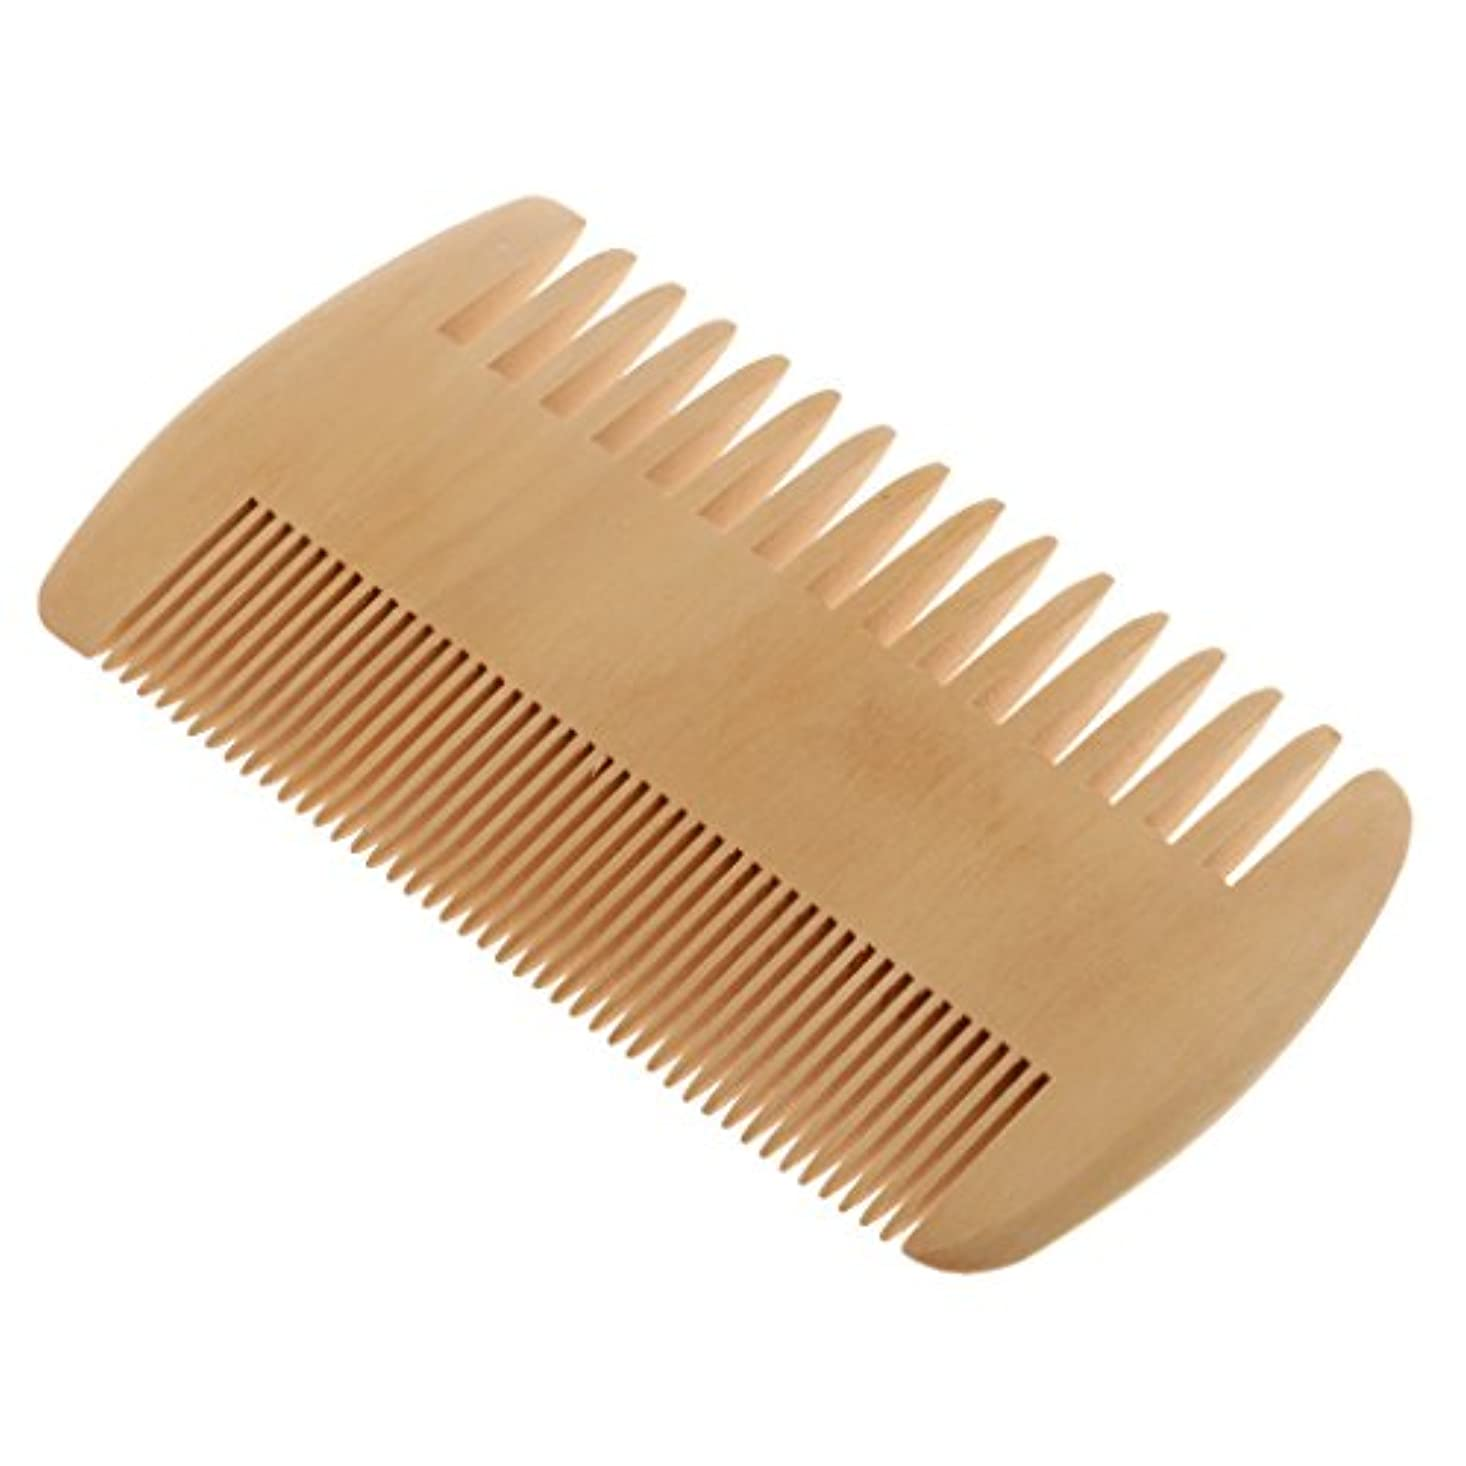 クリアどこでもアコードCUTICATE 木製コーム 木製櫛 ヘアブラシ 帯電防止櫛 ポケットコーム ヘアスタイリング 用品